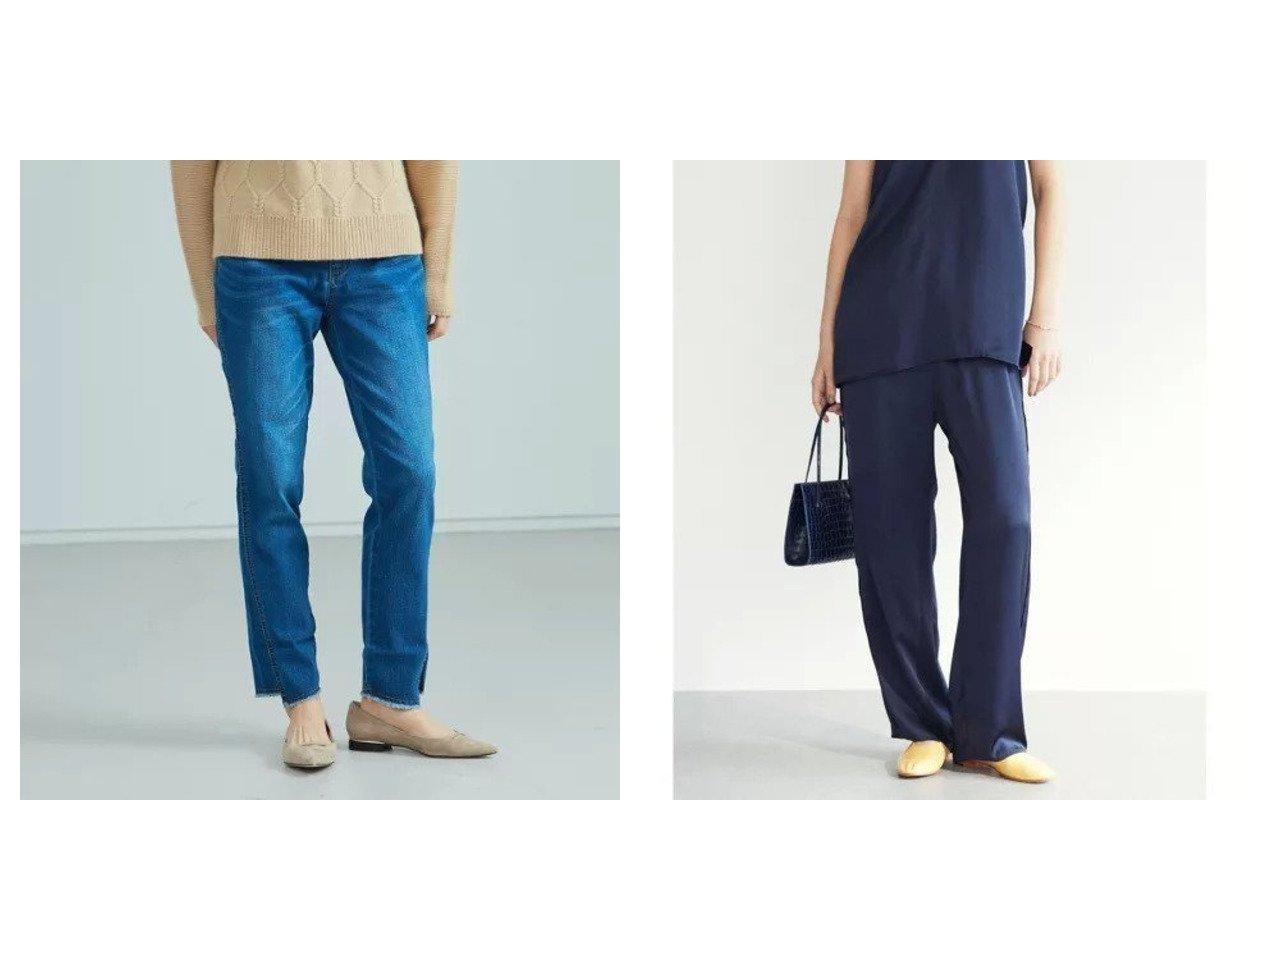 【Rouge vif/ルージュ ヴィフ】の【Mylanka】切りっぱなし風デニムパンツ&【GALLARDAGALANTE/ガリャルダガランテ】のシルキーサテンイージーパンツ パンツのおすすめ!人気、トレンド・レディースファッションの通販 おすすめで人気の流行・トレンド、ファッションの通販商品 メンズファッション・キッズファッション・インテリア・家具・レディースファッション・服の通販 founy(ファニー) https://founy.com/ ファッション Fashion レディースファッション WOMEN パンツ Pants デニムパンツ Denim Pants デニム くるぶし サテン シューズ シルク ストレート セットアップ タンブラー フラット ポケット ワイド |ID:crp329100000015264